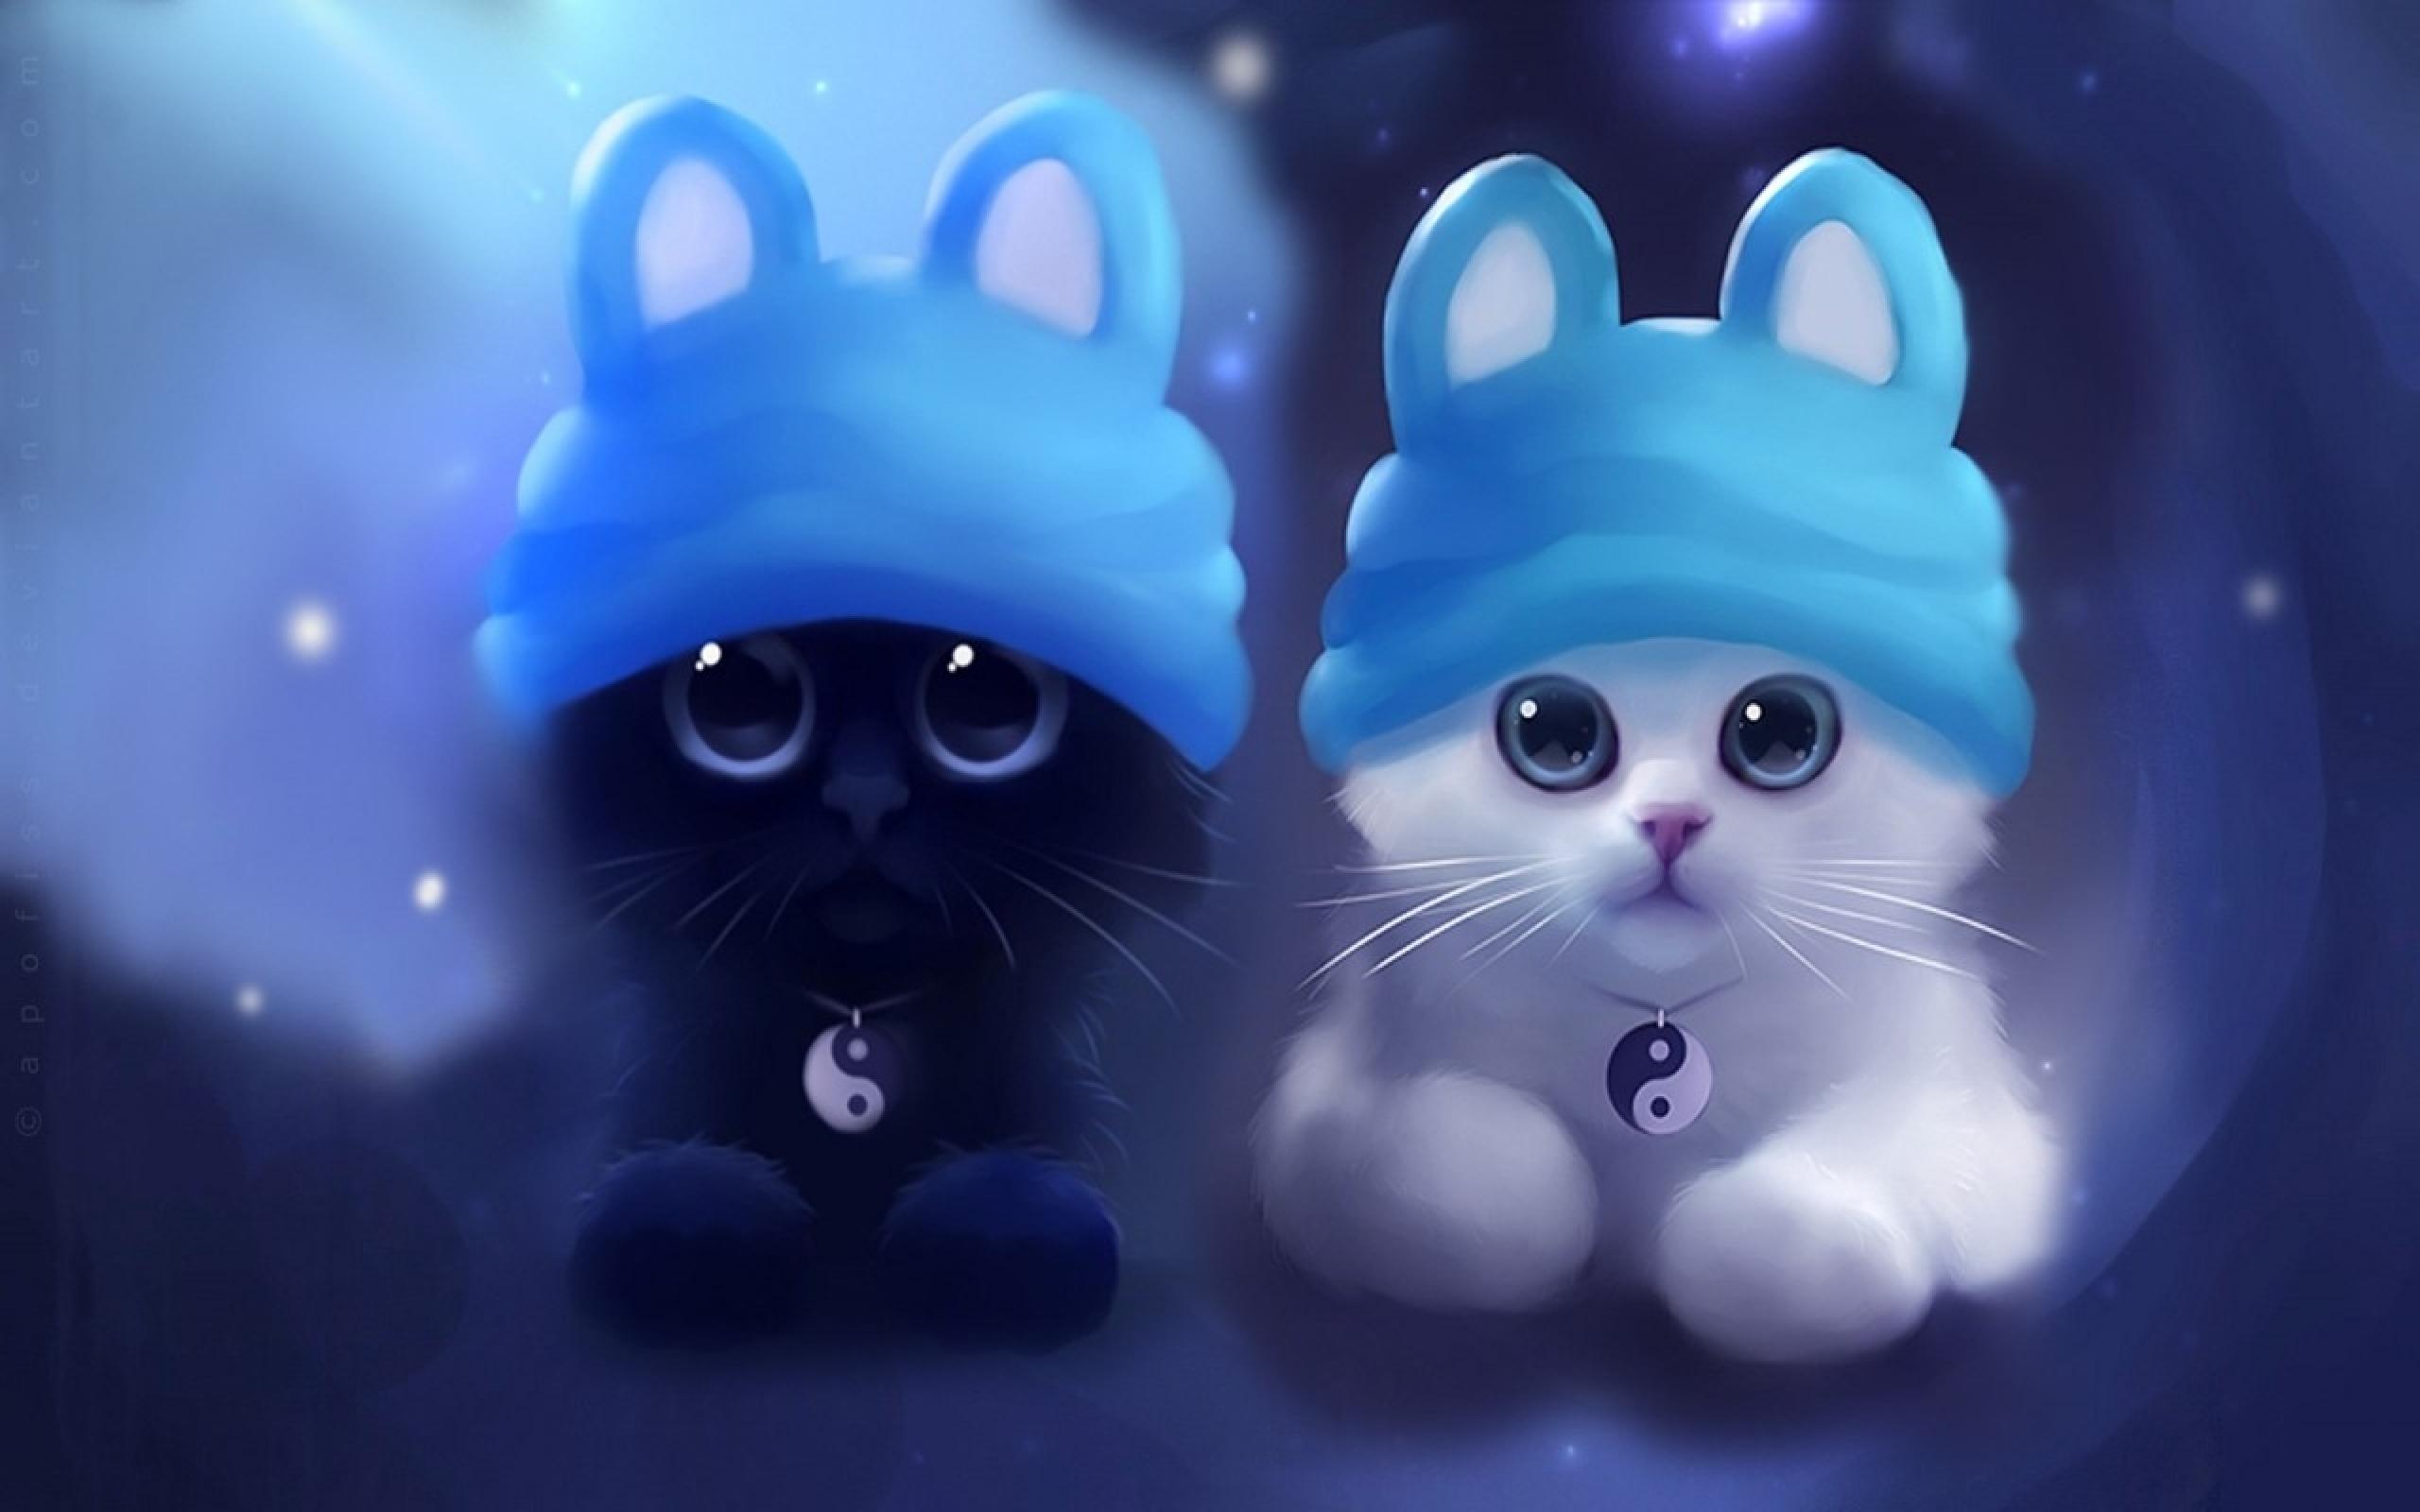 Cute Images - QyGjxZ